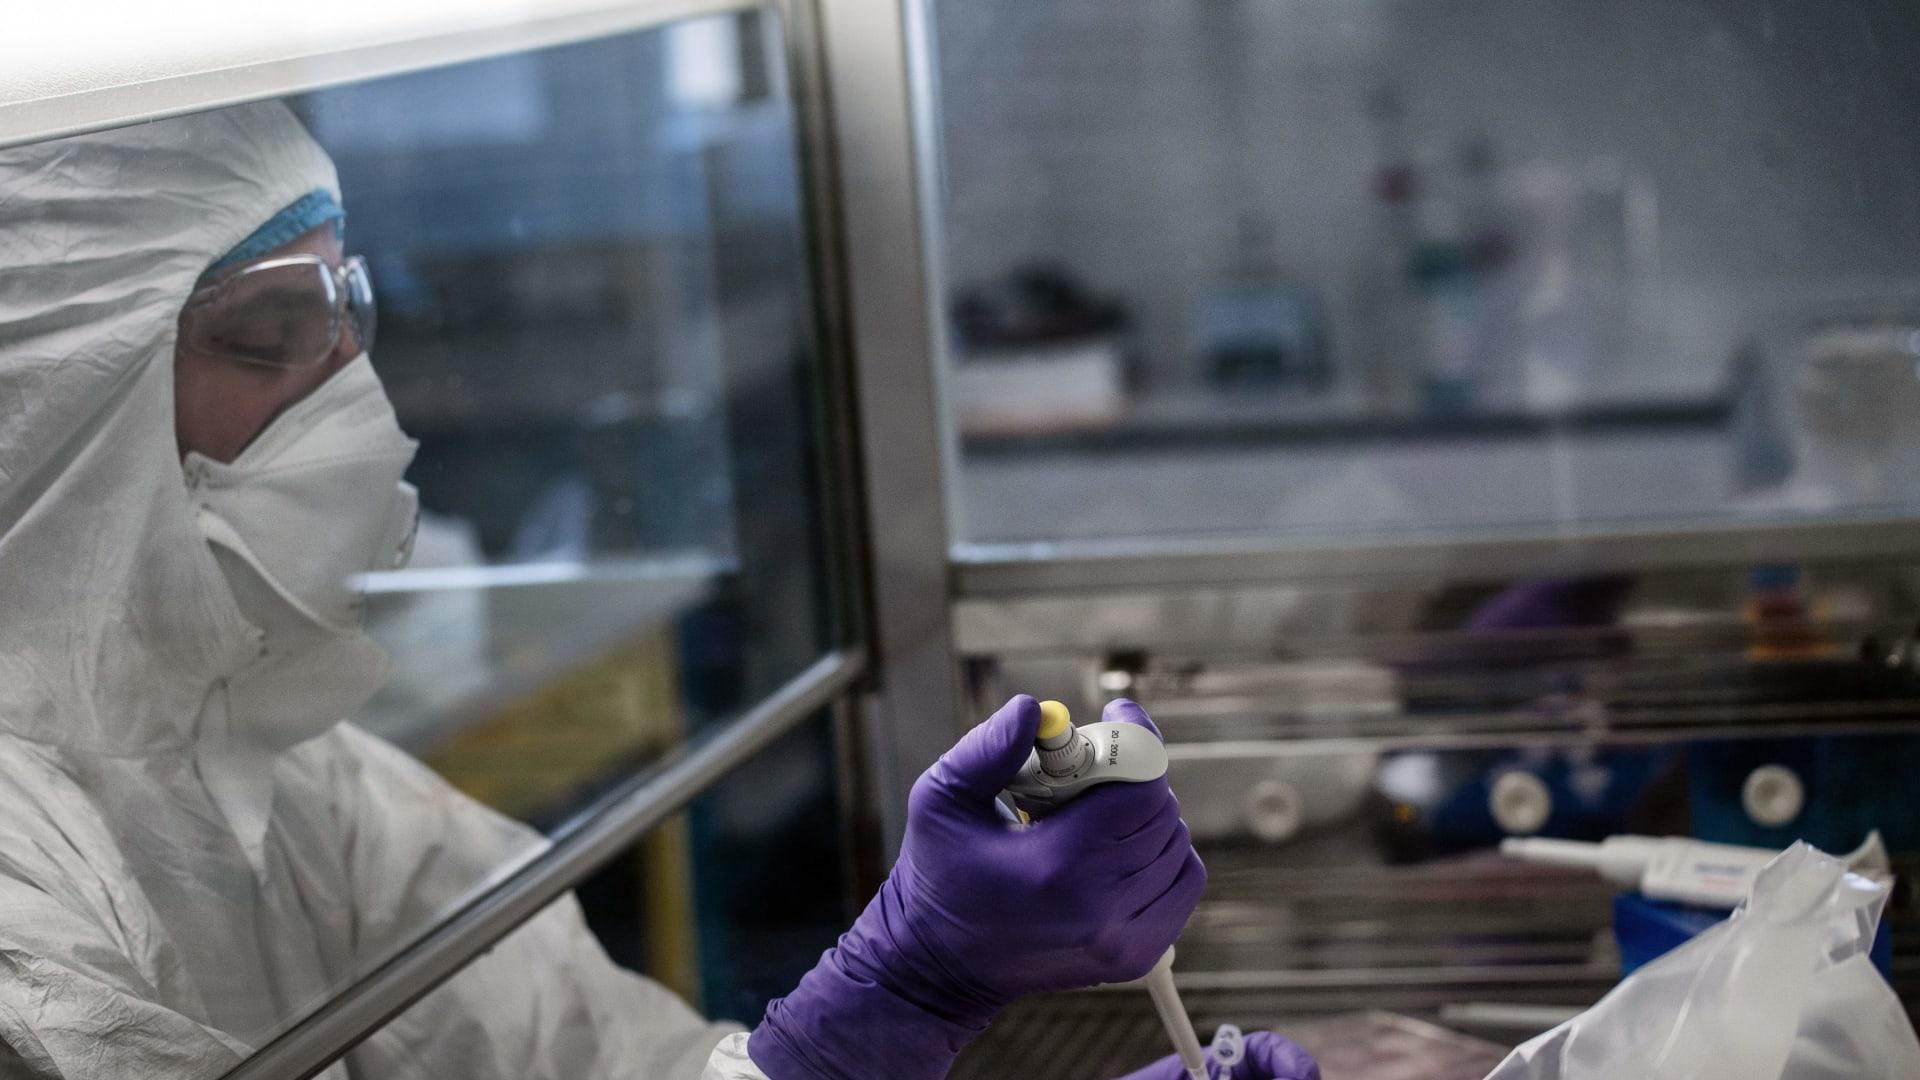 ما هي التدابير الطارئة التي تتخذ للتخفيف من آثار فيروس كورونا على الاقتصاد؟